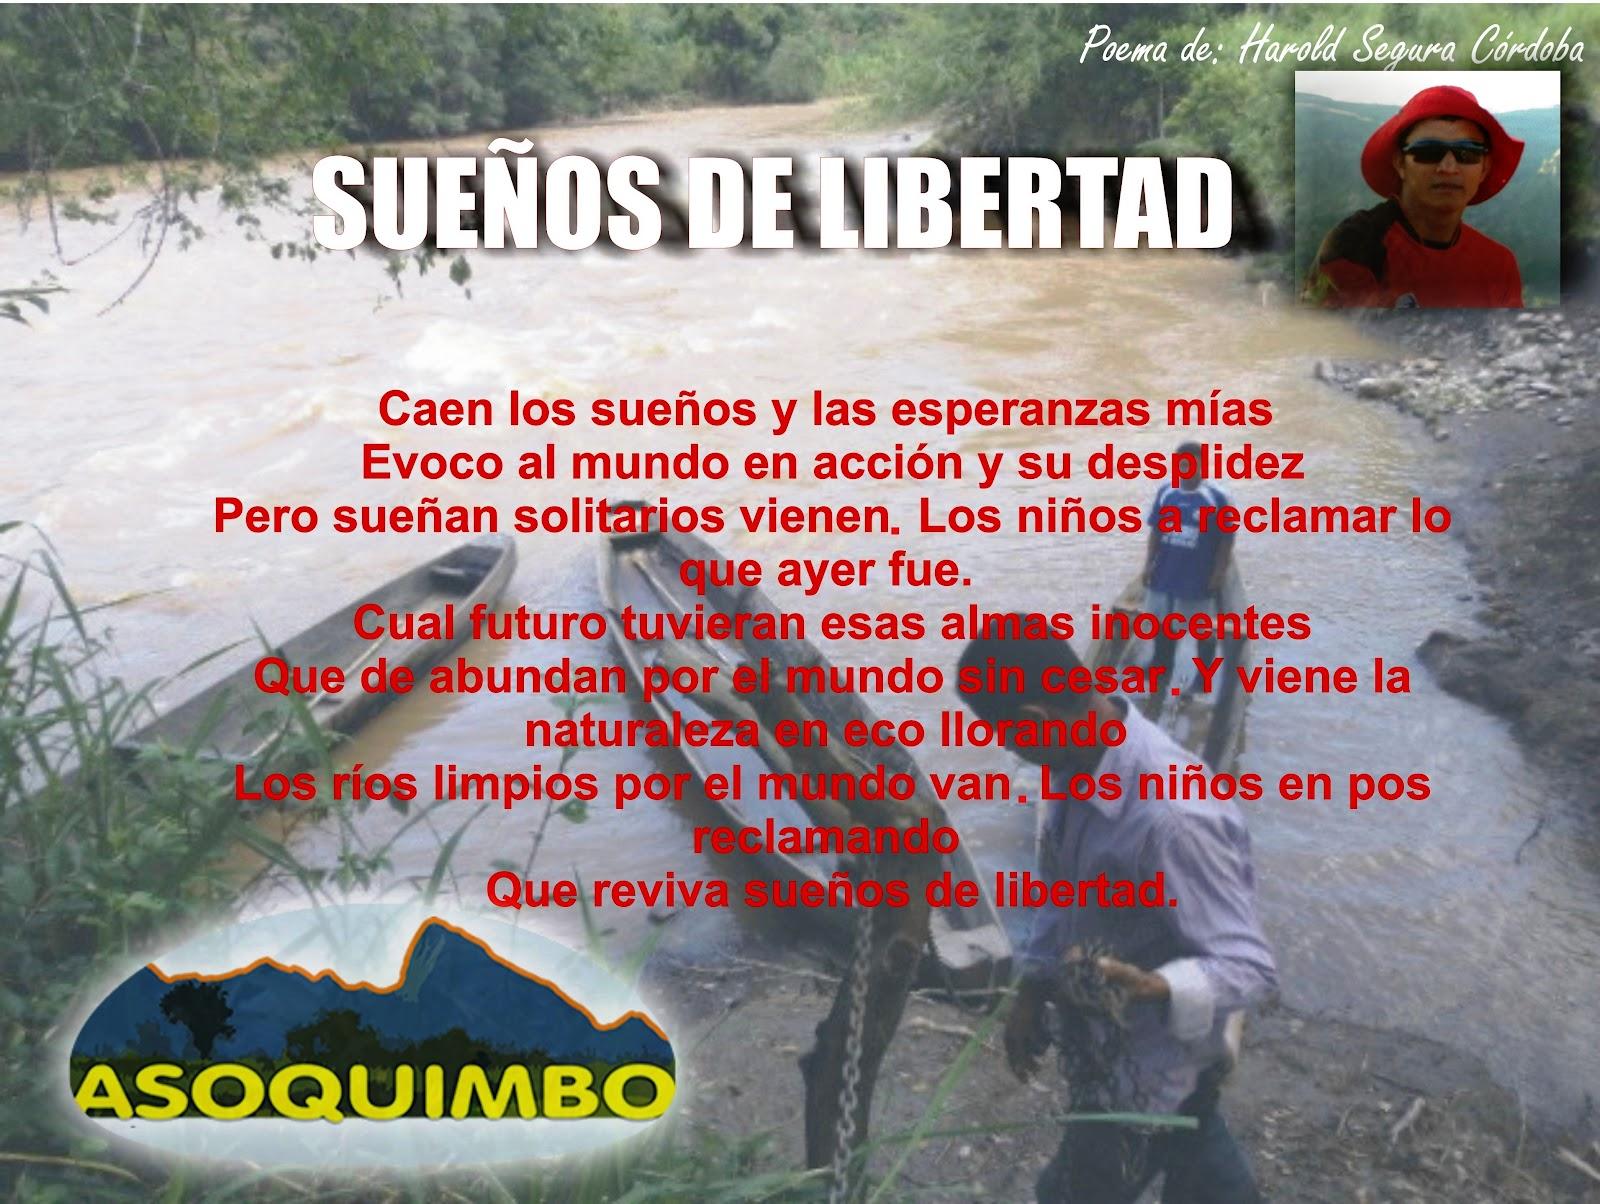 Asoquimbo Poemas Del Territorio Y La Madre Tierra Que Reclama Libertad